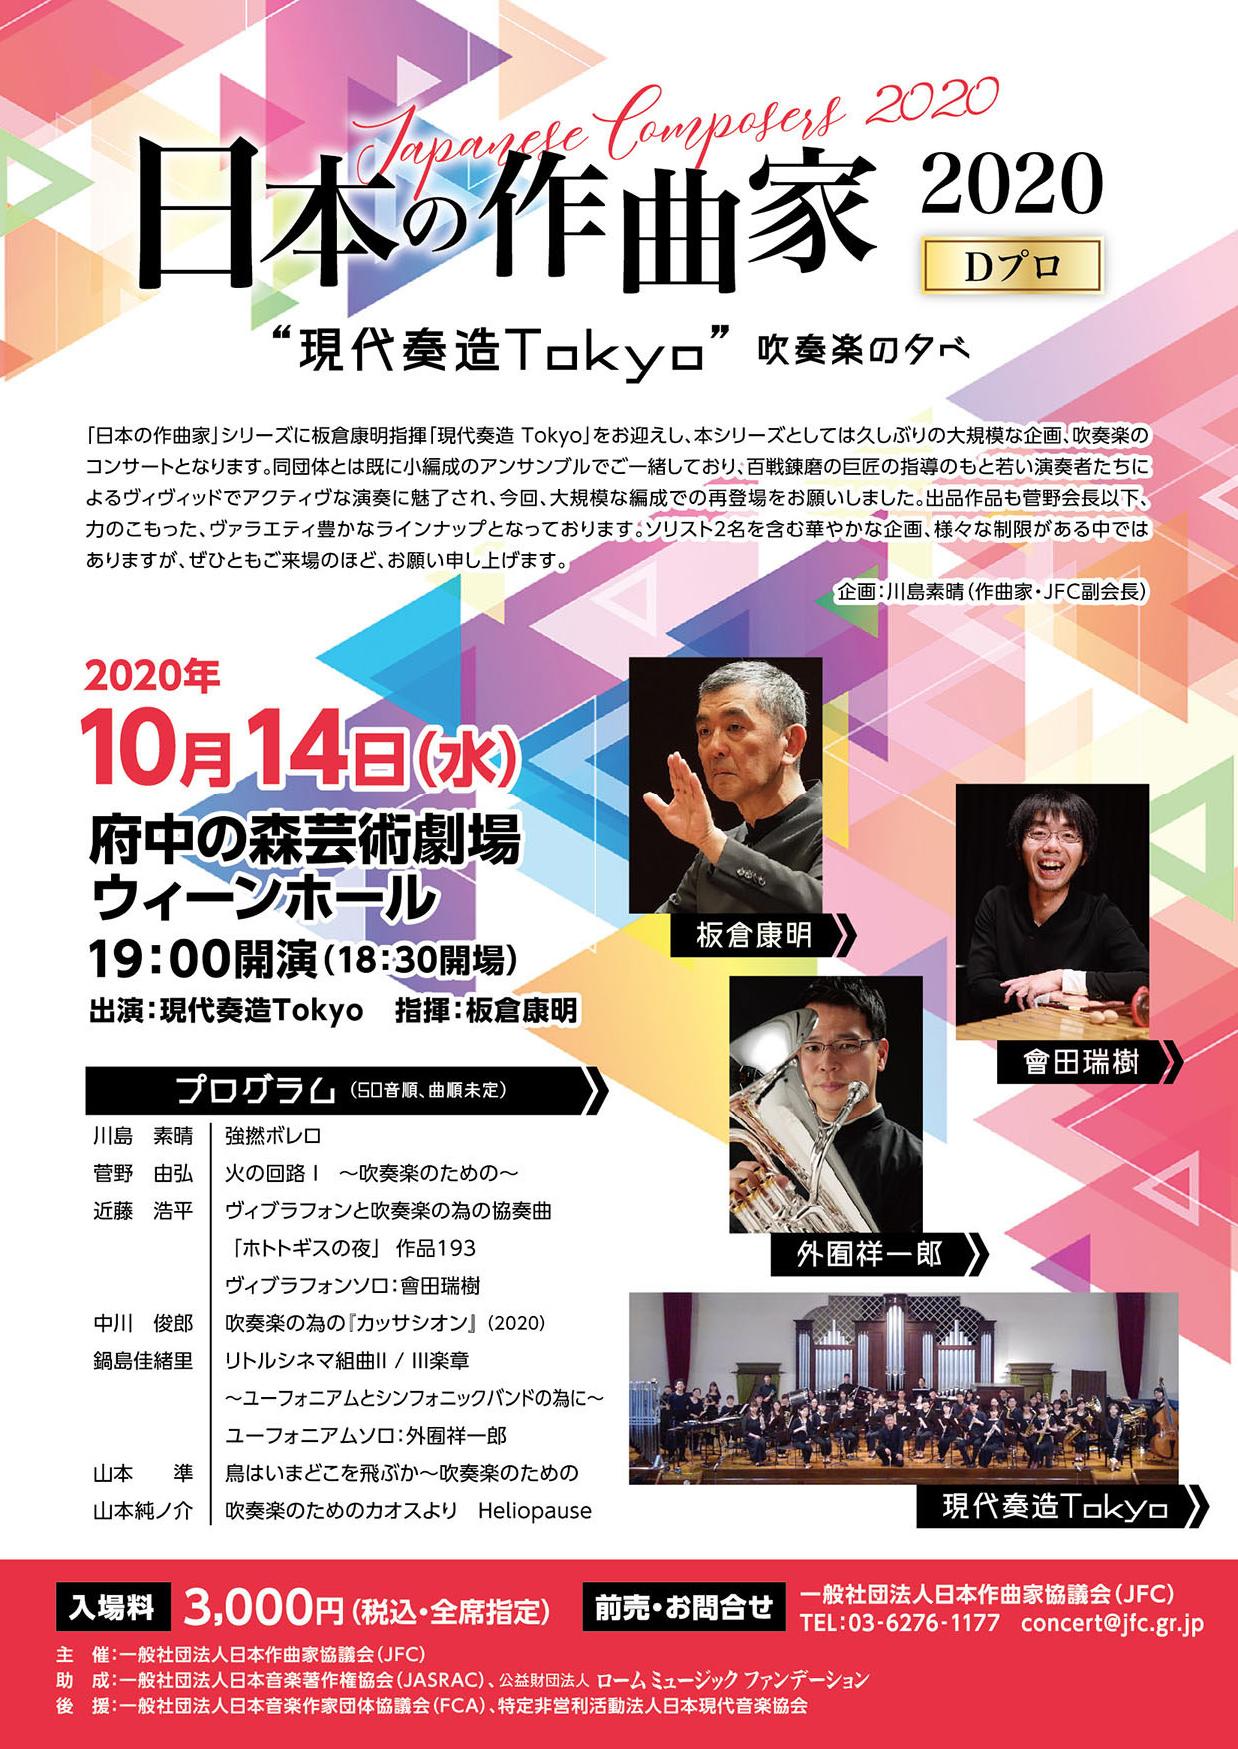 日本作曲家協議会主催による吹奏楽と現代音楽の祭典